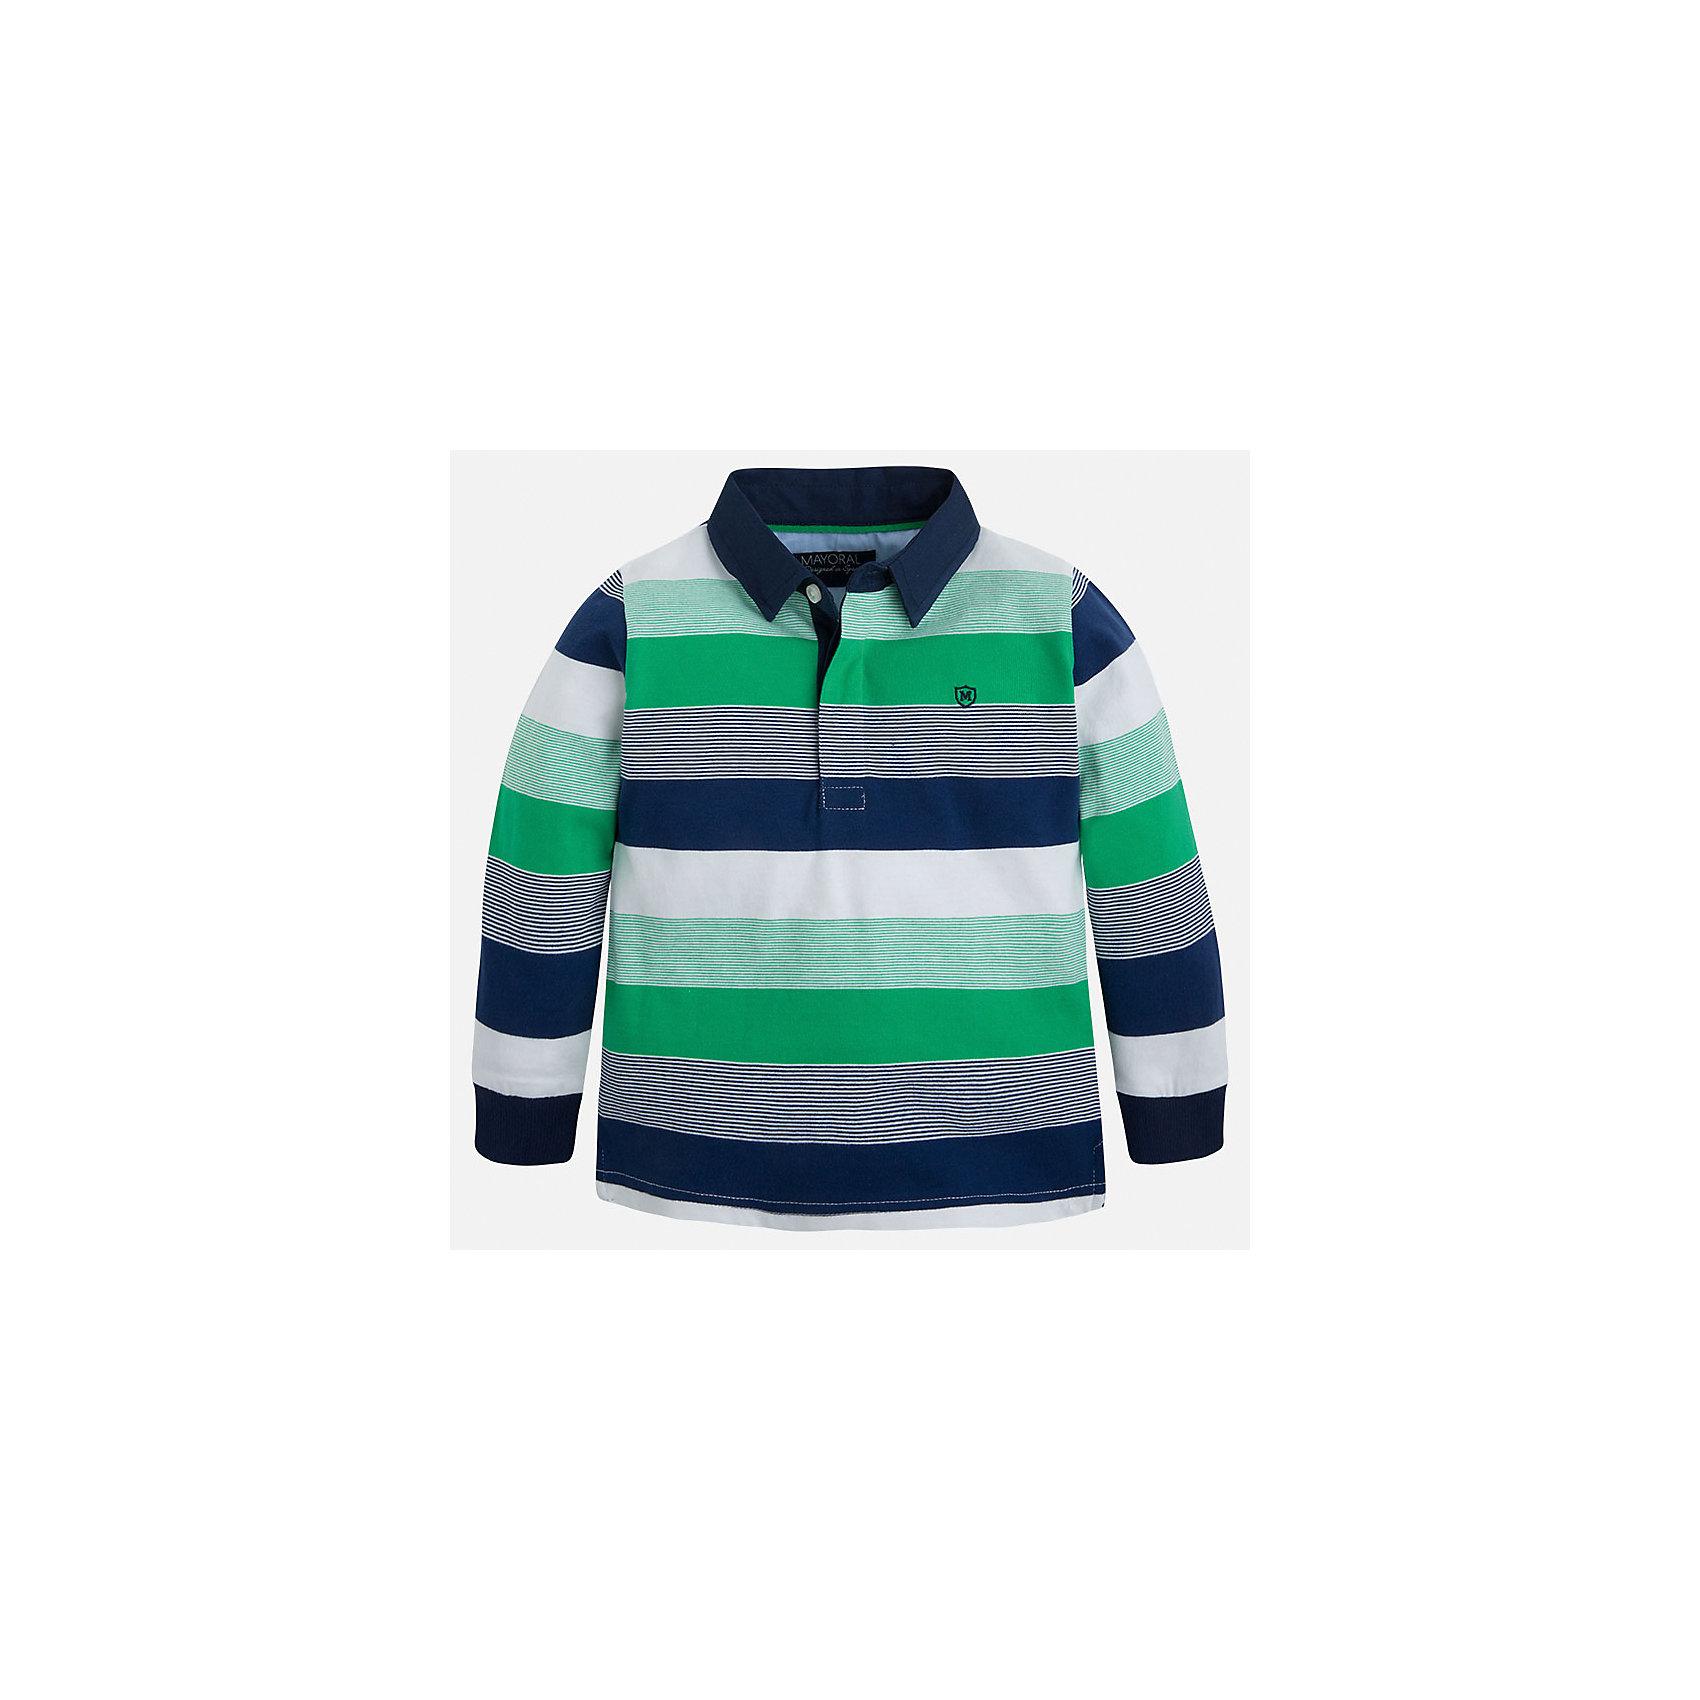 Футболка-поло с длинным рукавом для мальчика MayoralФутболки с длинным рукавом<br>Характеристики товара:<br><br>• цвет: синий/зеленый/белый<br>• состав: 100% хлопок<br>• отложной воротник<br>• длинные рукава<br>• застежка: пуговицы<br>• вышивка на груди<br>• страна бренда: Испания<br><br>Удобная модная рубашка-поло для мальчика может стать базовой вещью в гардеробе ребенка. Она отлично сочетается с брюками, шортами, джинсами и т.д. Универсальный крой и цвет позволяет подобрать к вещи низ разных расцветок. Практичное и стильное изделие! В составе материала - только натуральный хлопок, гипоаллергенный, приятный на ощупь, дышащий.<br><br>Одежда, обувь и аксессуары от испанского бренда Mayoral полюбились детям и взрослым по всему миру. Модели этой марки - стильные и удобные. Для их производства используются только безопасные, качественные материалы и фурнитура. Порадуйте ребенка модными и красивыми вещами от Mayoral! <br><br>Рубашку-поло для мальчика от испанского бренда Mayoral (Майорал) можно купить в нашем интернет-магазине.<br><br>Ширина мм: 230<br>Глубина мм: 40<br>Высота мм: 220<br>Вес г: 250<br>Цвет: зеленый<br>Возраст от месяцев: 96<br>Возраст до месяцев: 108<br>Пол: Мужской<br>Возраст: Детский<br>Размер: 134,128,122,104,98,92,110,116<br>SKU: 5272153